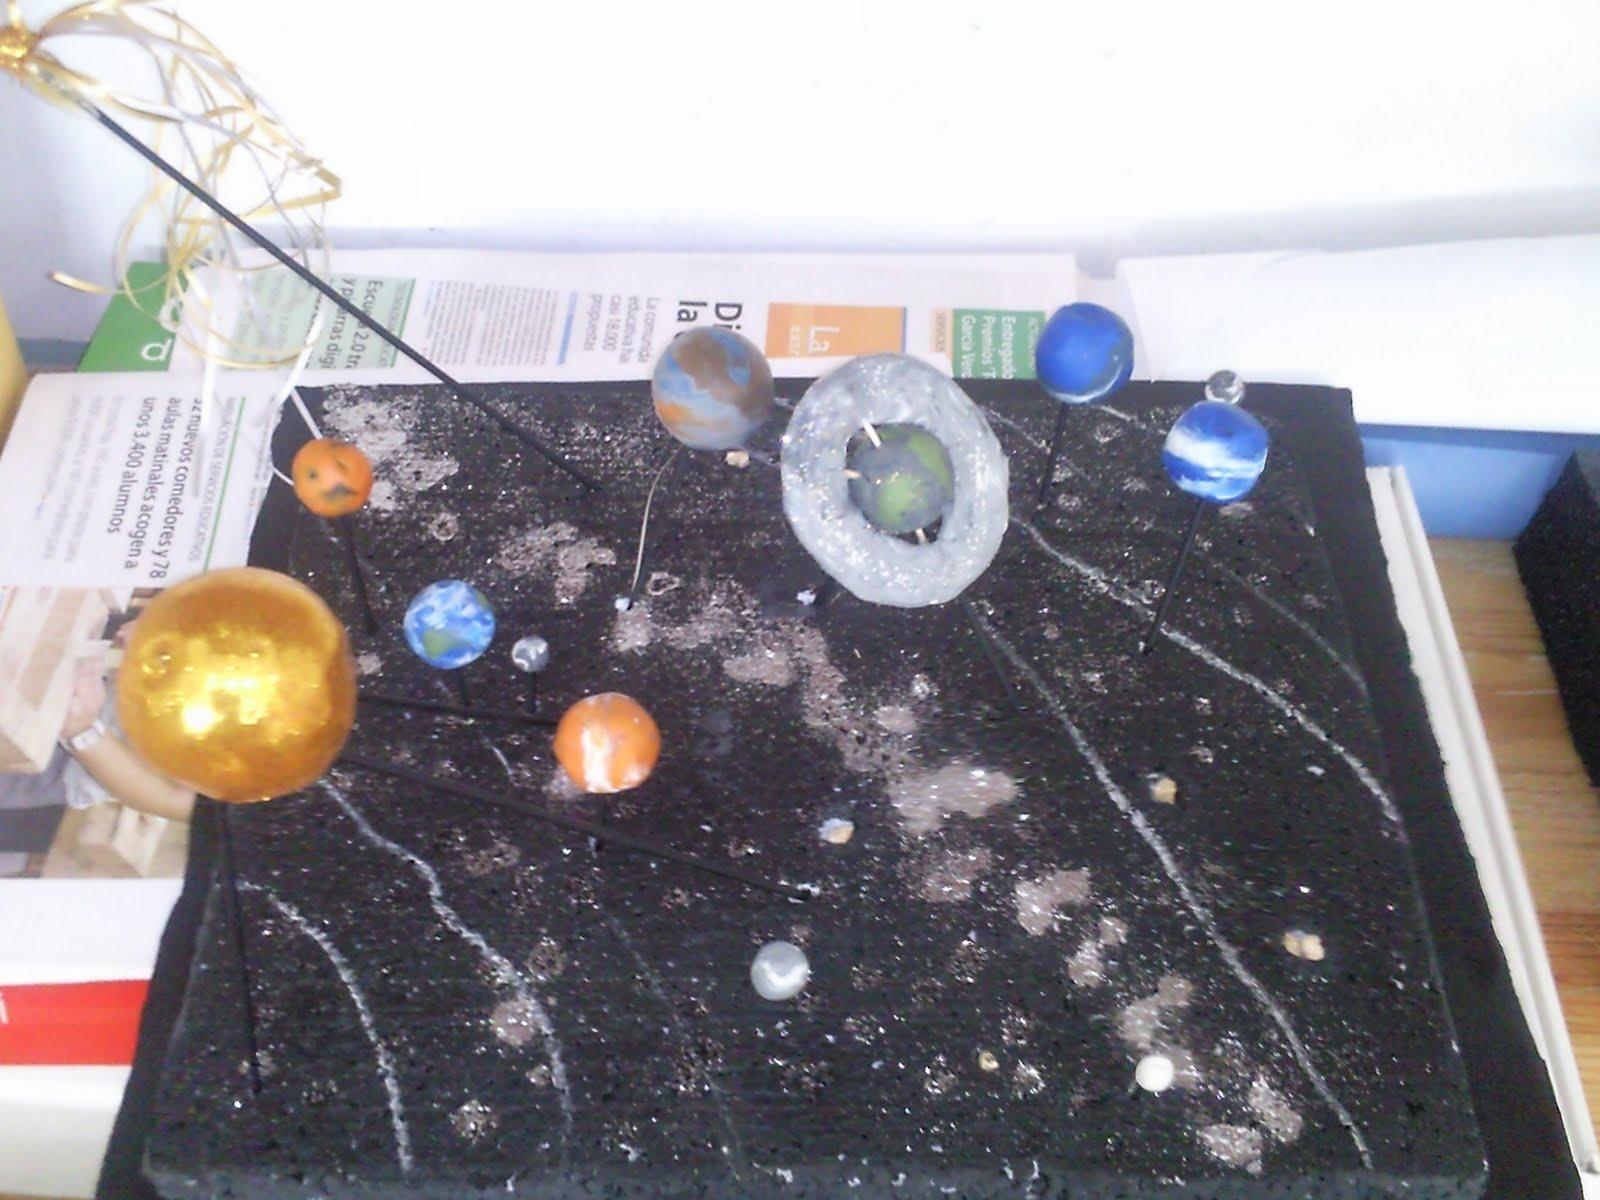 construir una maqueta 3D de las fases de la Luna. Hacer una maqueta de